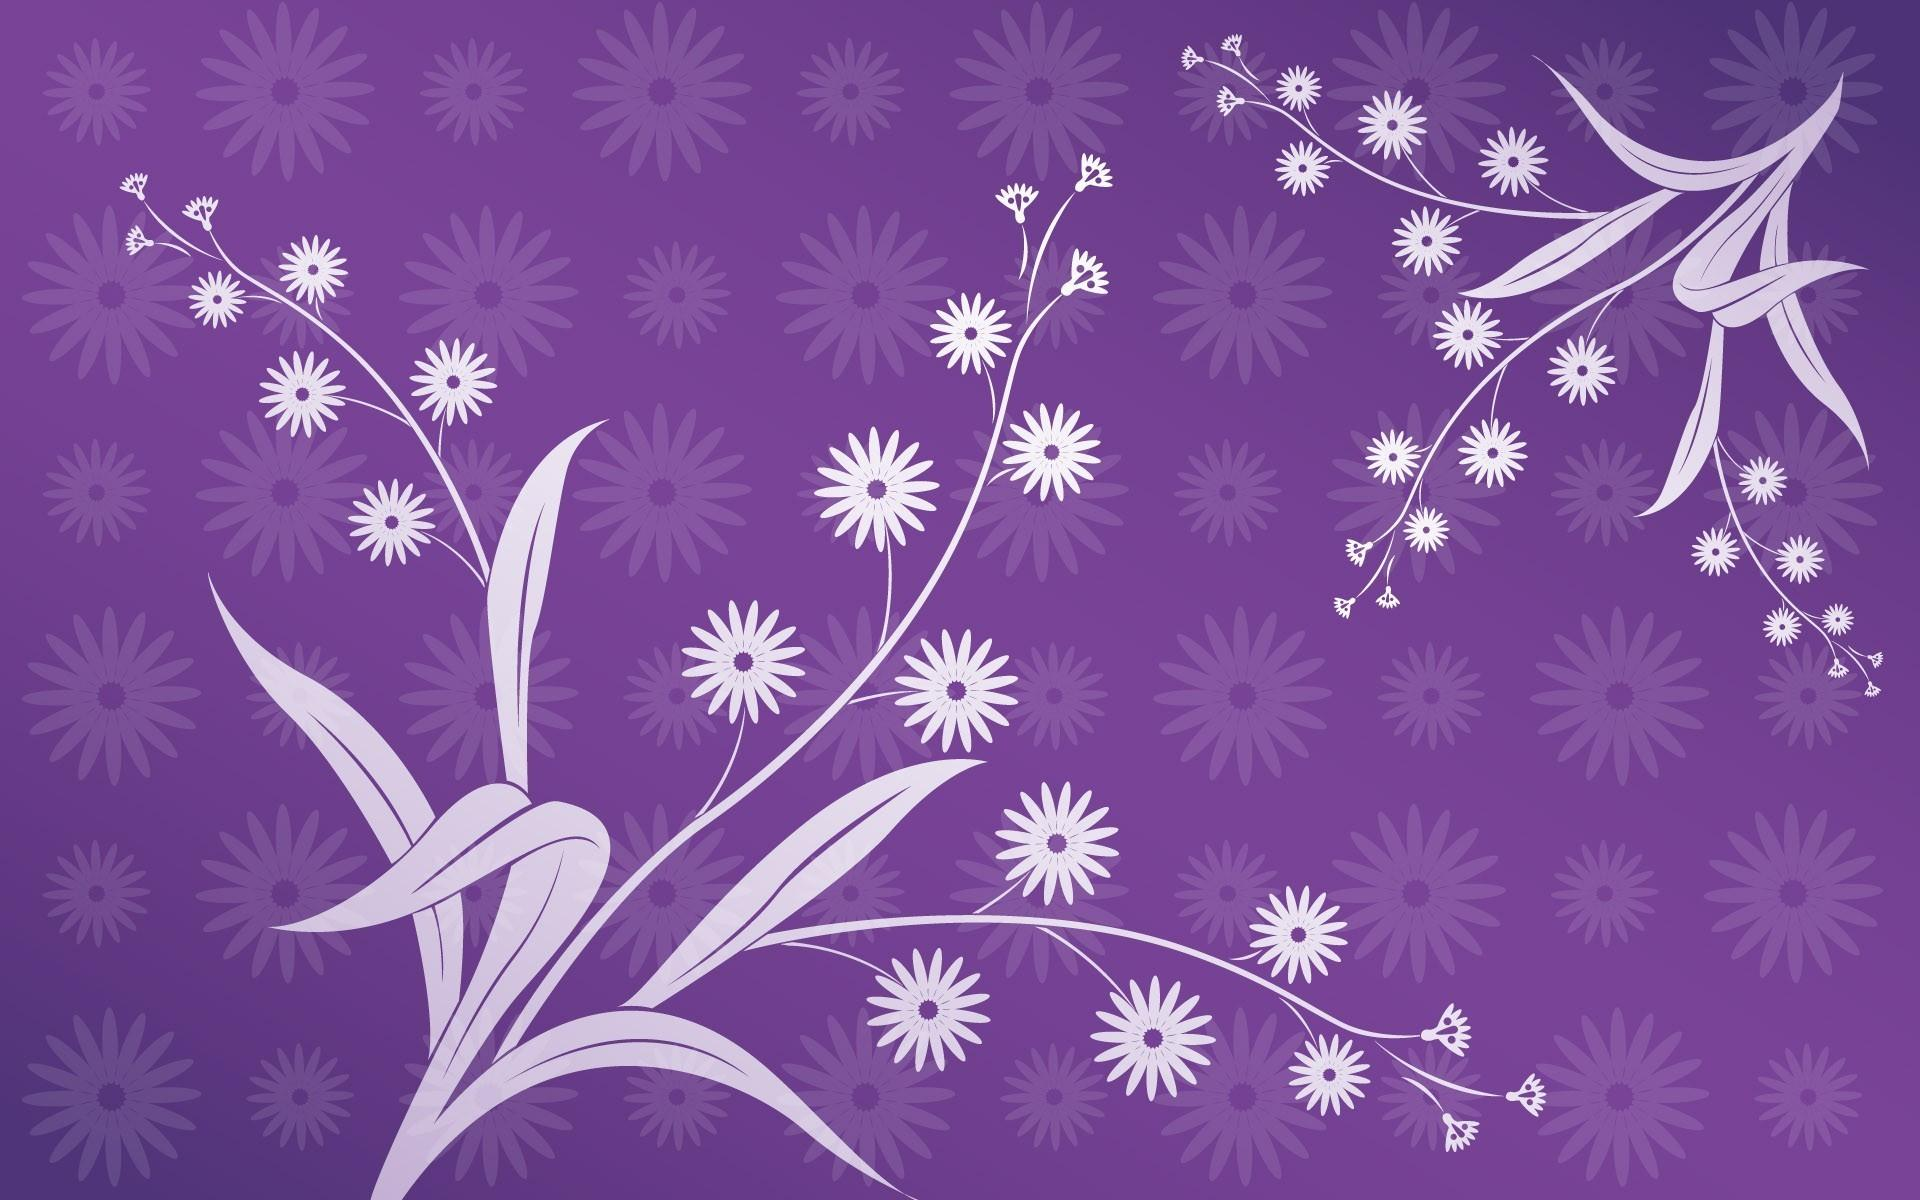 Цветы листья фиолетовый фон 1920x1200